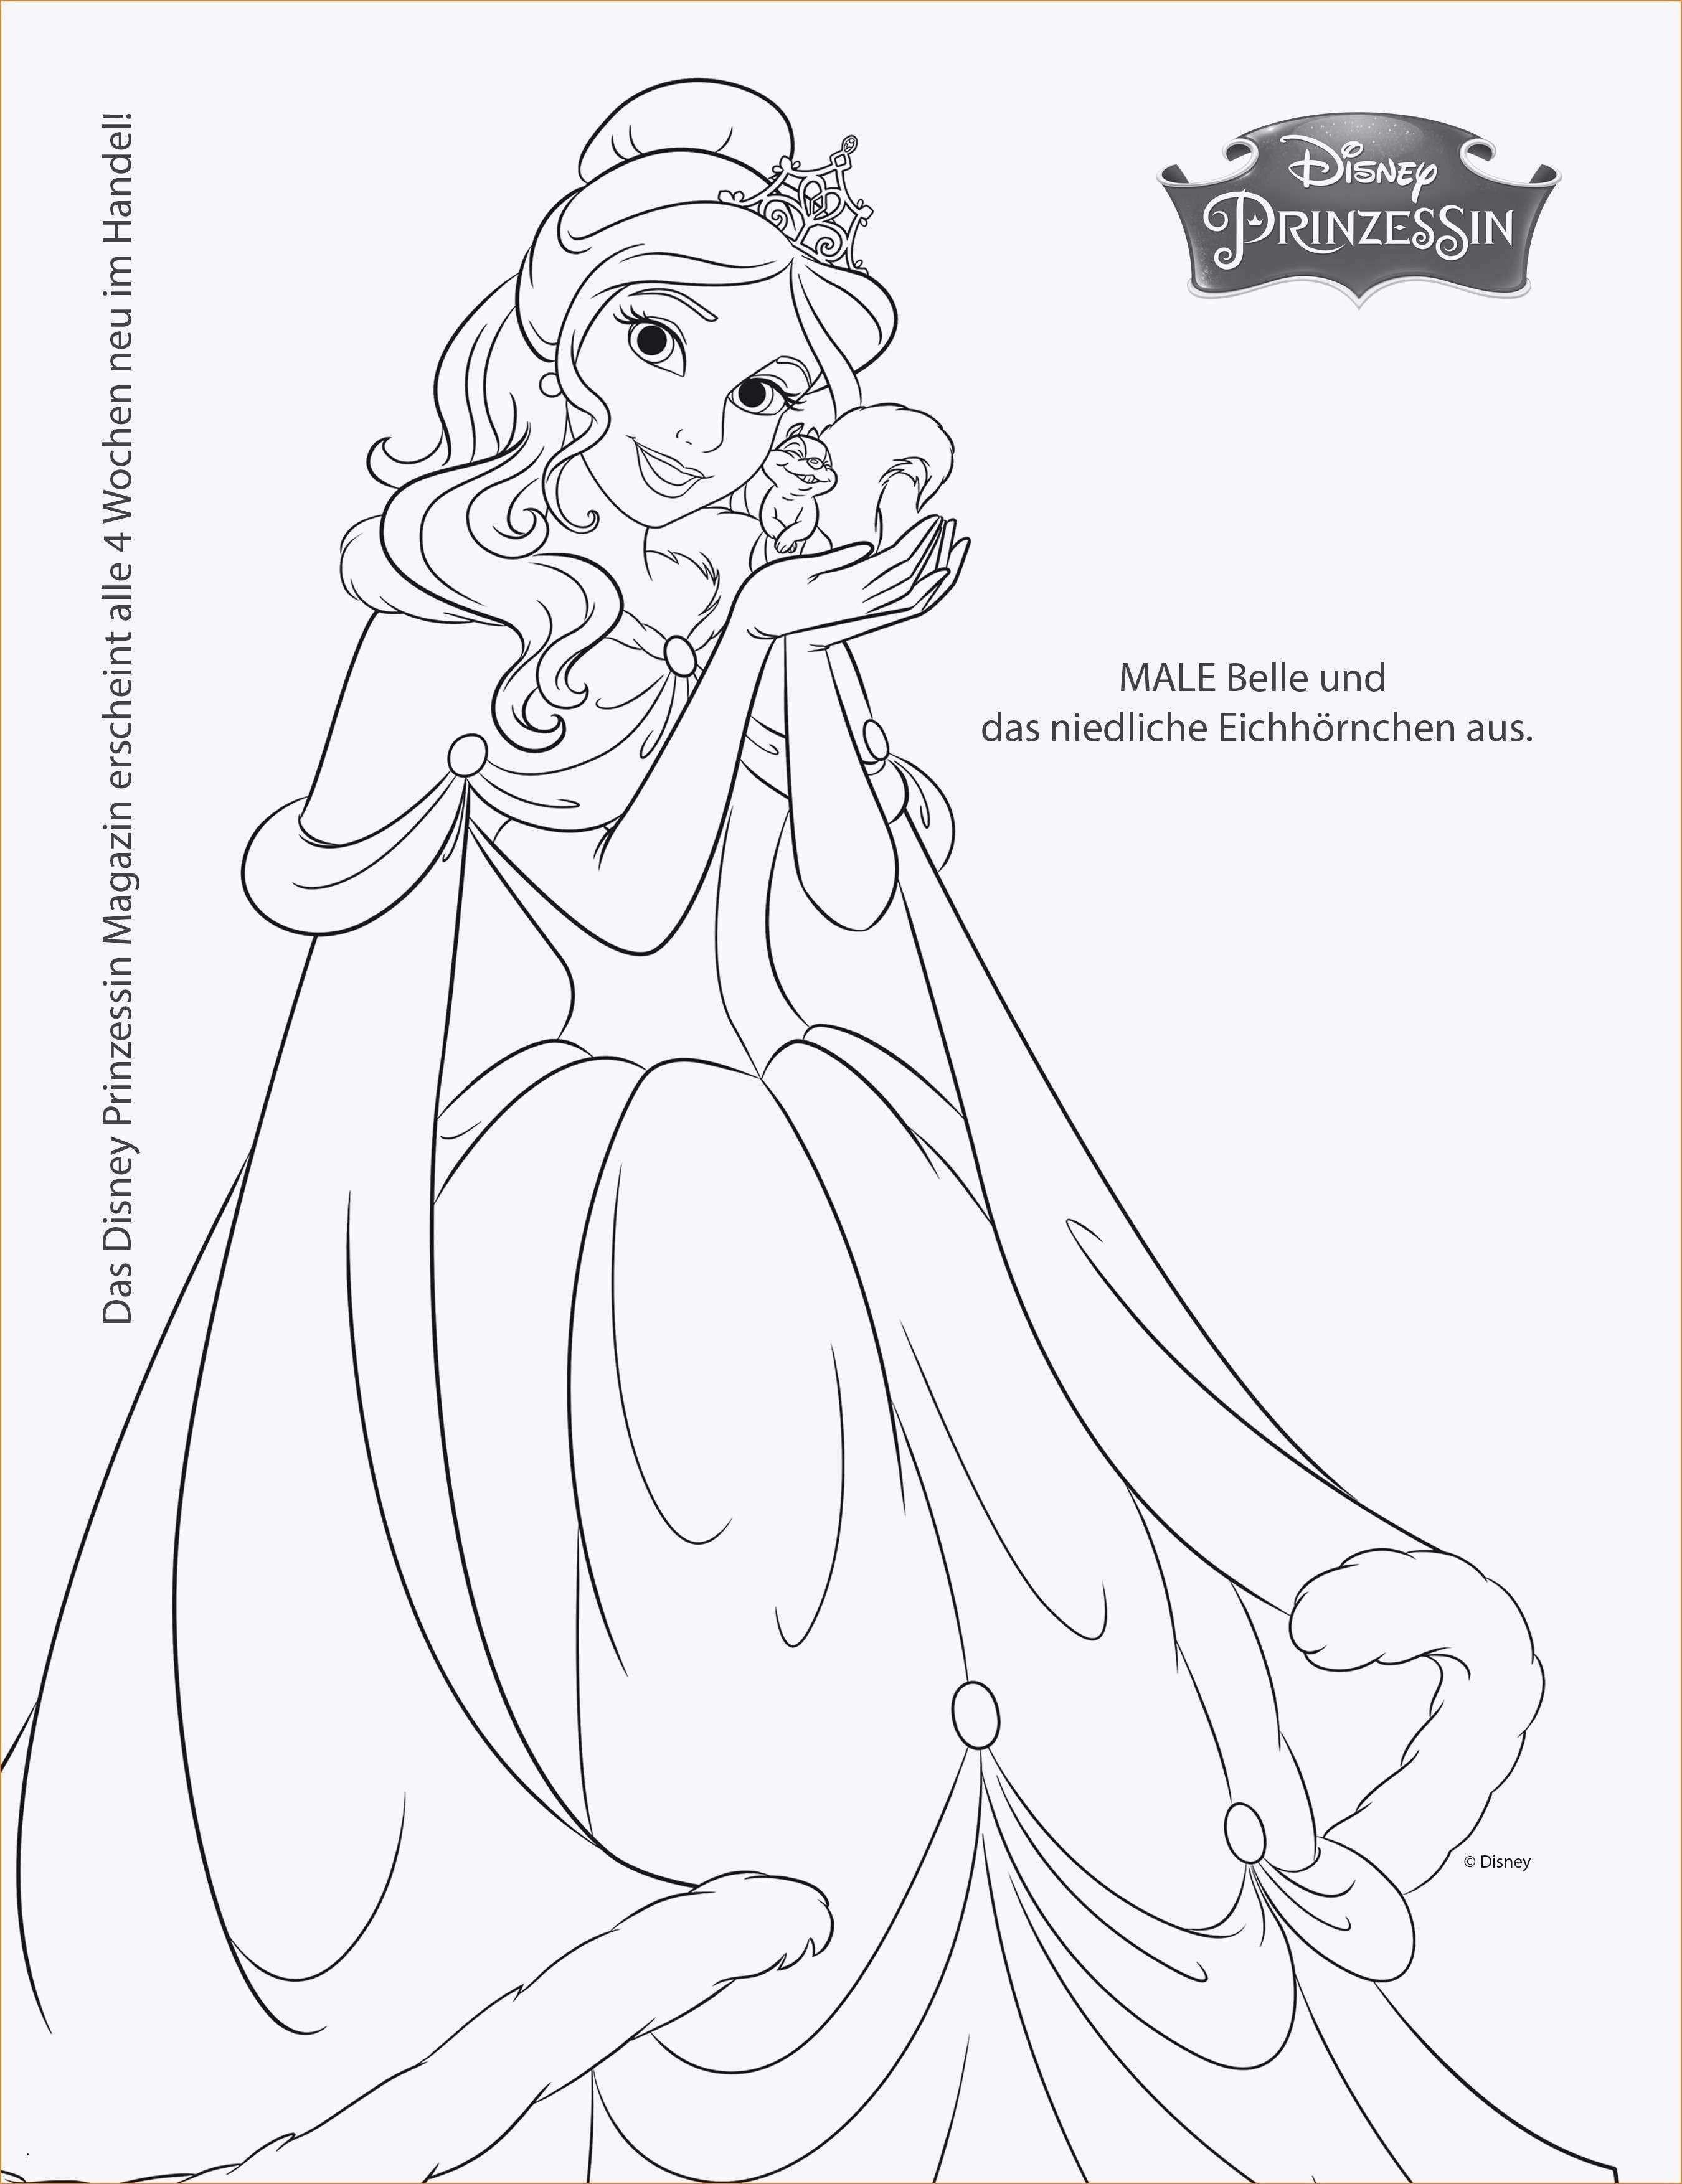 Einzigartig Prinzessin Malvorlagen Disney malvorlagen